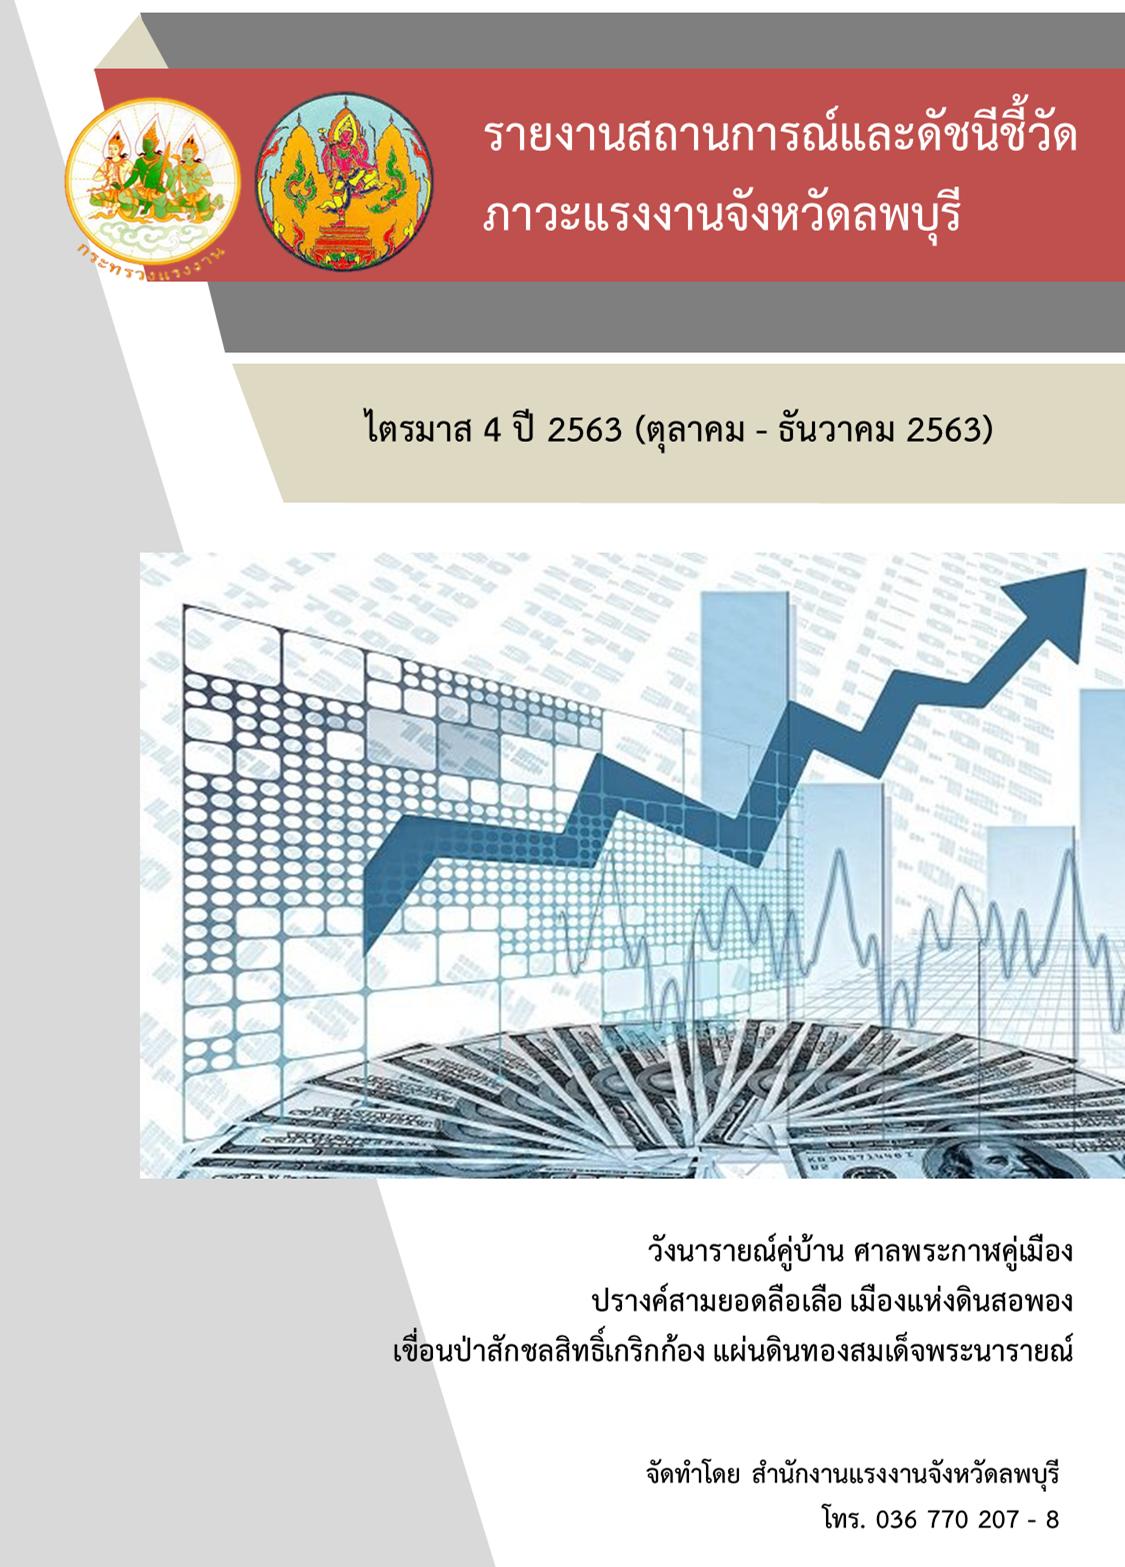 รายงานสถานการณ์แรงงานและดัชนีชี้วัดภาวะแรงงานจังหวัดลพบุรี รายปี 2563 (มกราคม – ธันวาคม 2563)